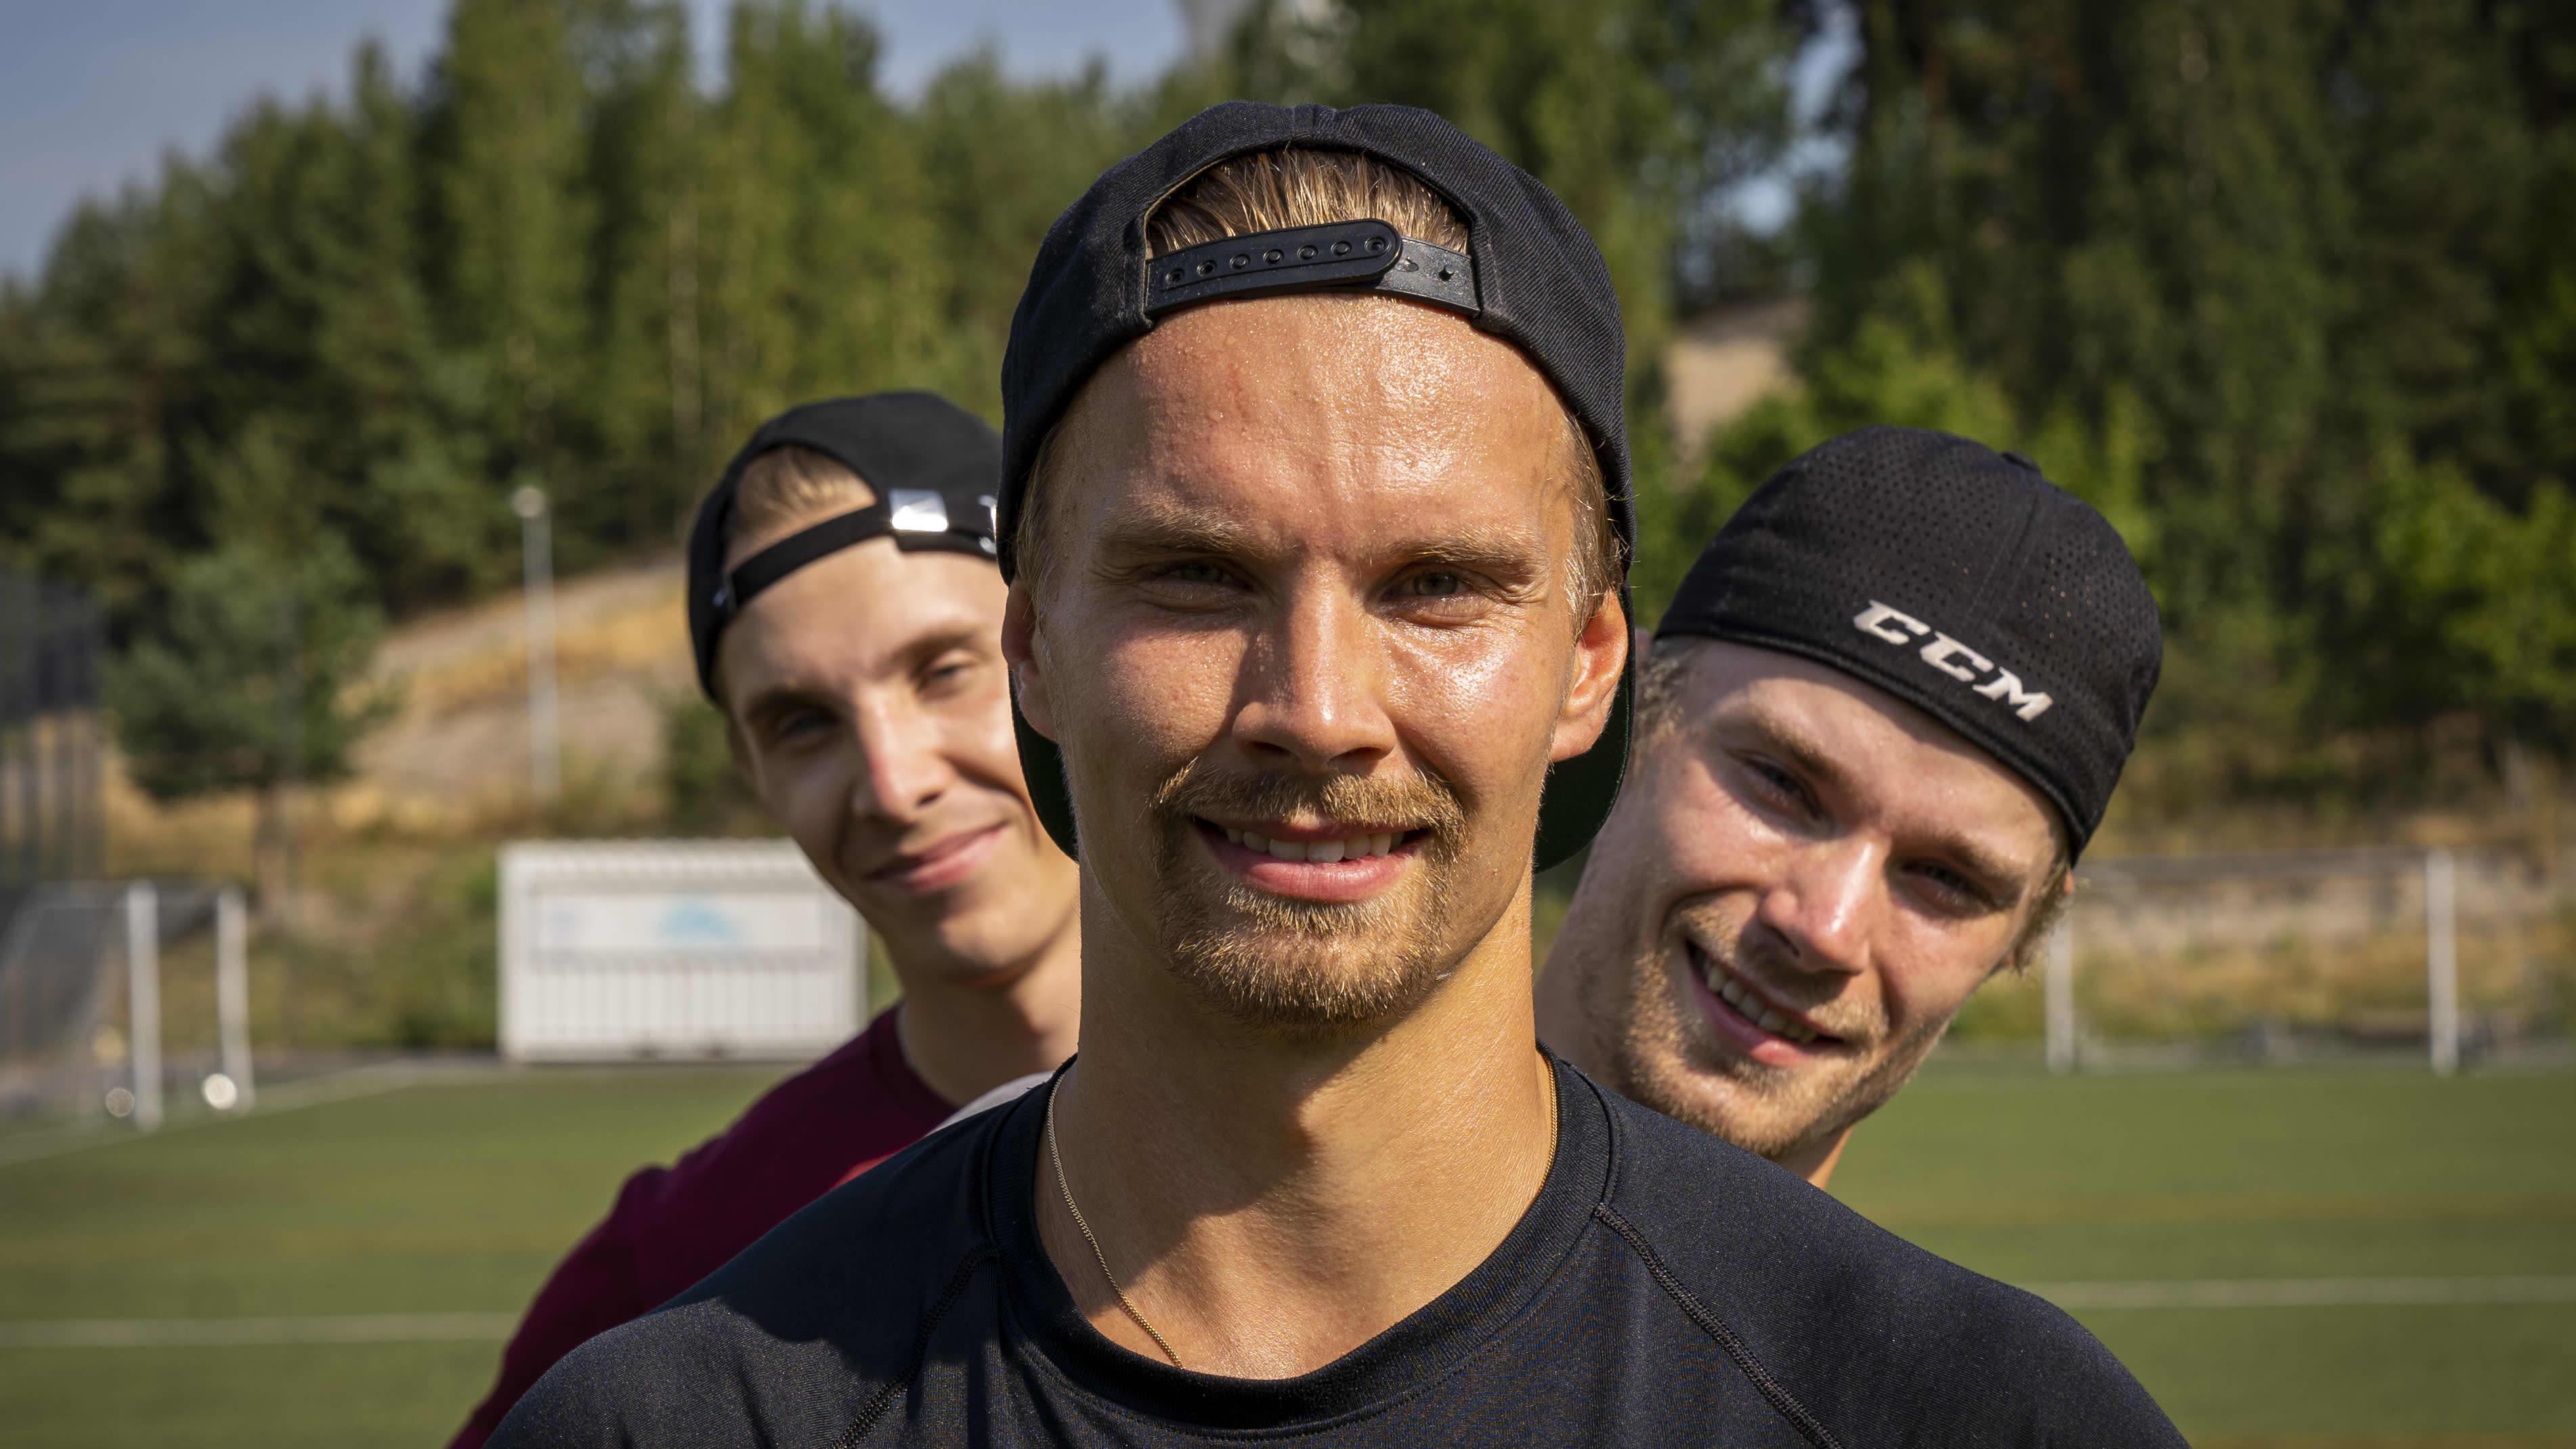 Jääpalloilijat Tuomas, Teemu, Tommi Määttä